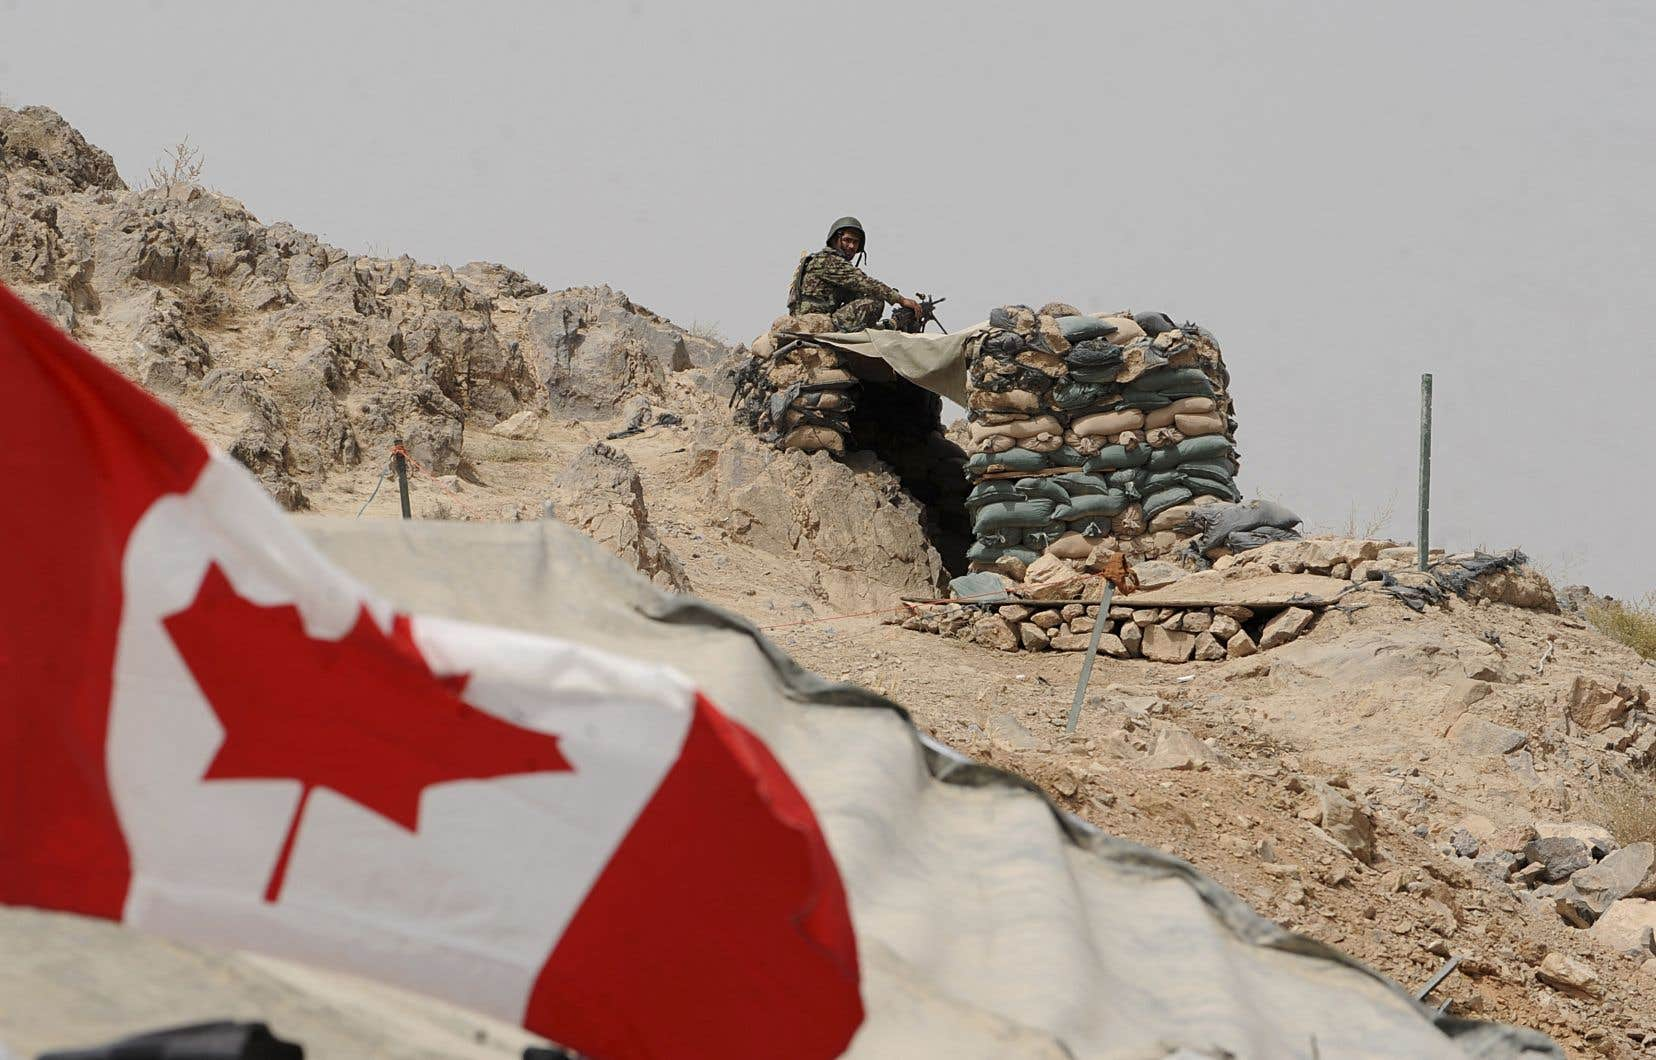 «Le Canada, pendant les vingt ans de la guerre en Afghanistan, a investi 20milliards de dollars et 165 vies humaines pour venir à bout des talibans», indique l'auteur.